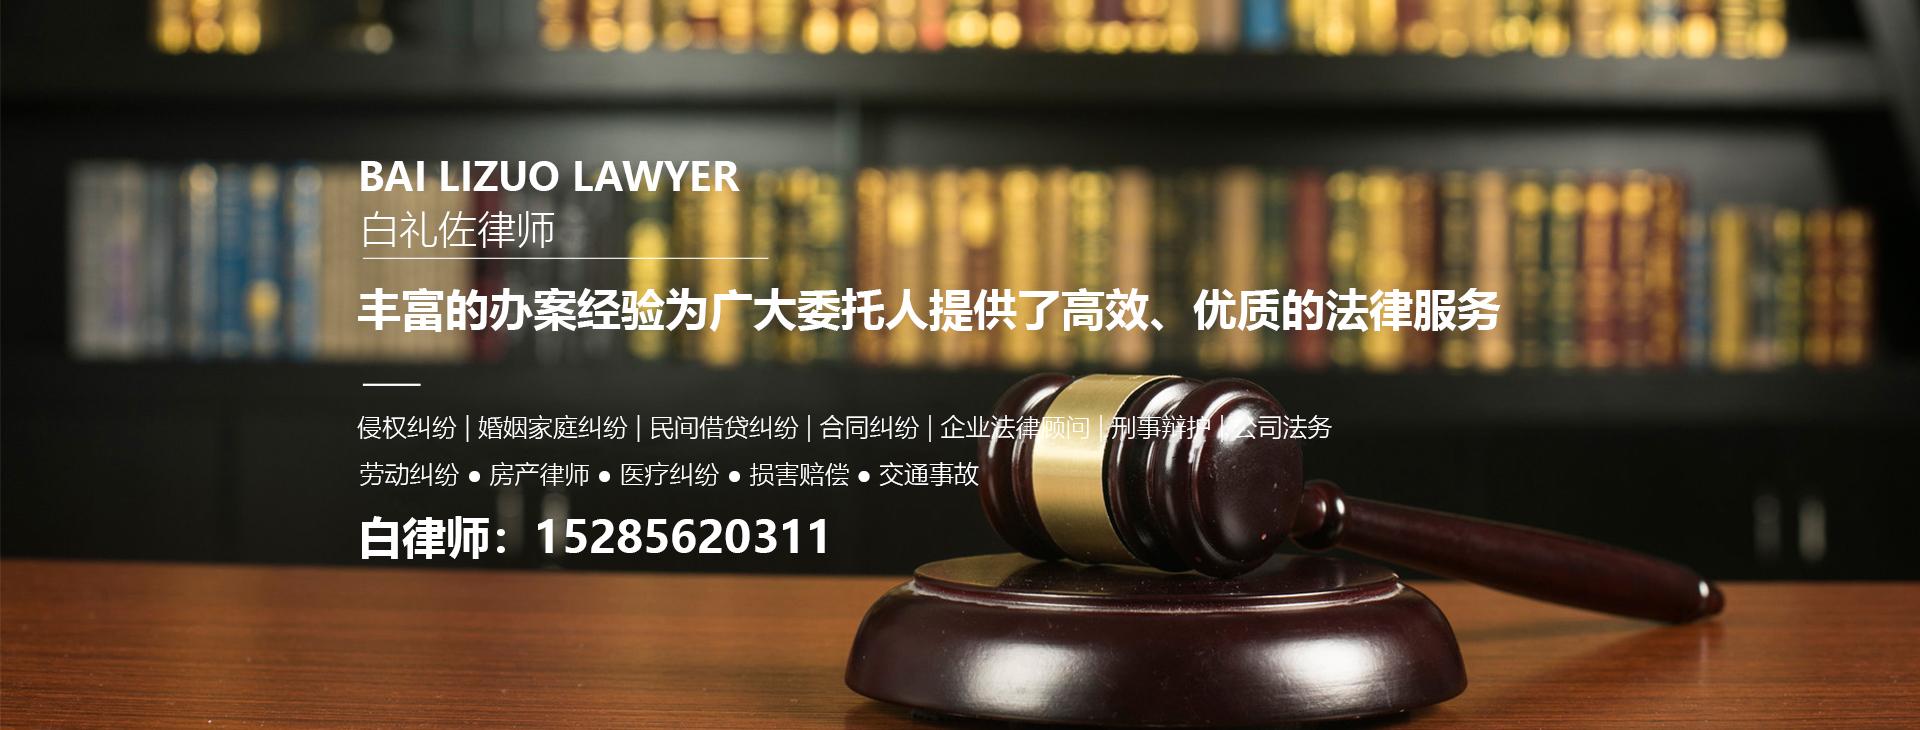 合同纠纷律师,合同纠纷律师,企业法律顾问,企业法律顾问律师,房产合同纠纷律师